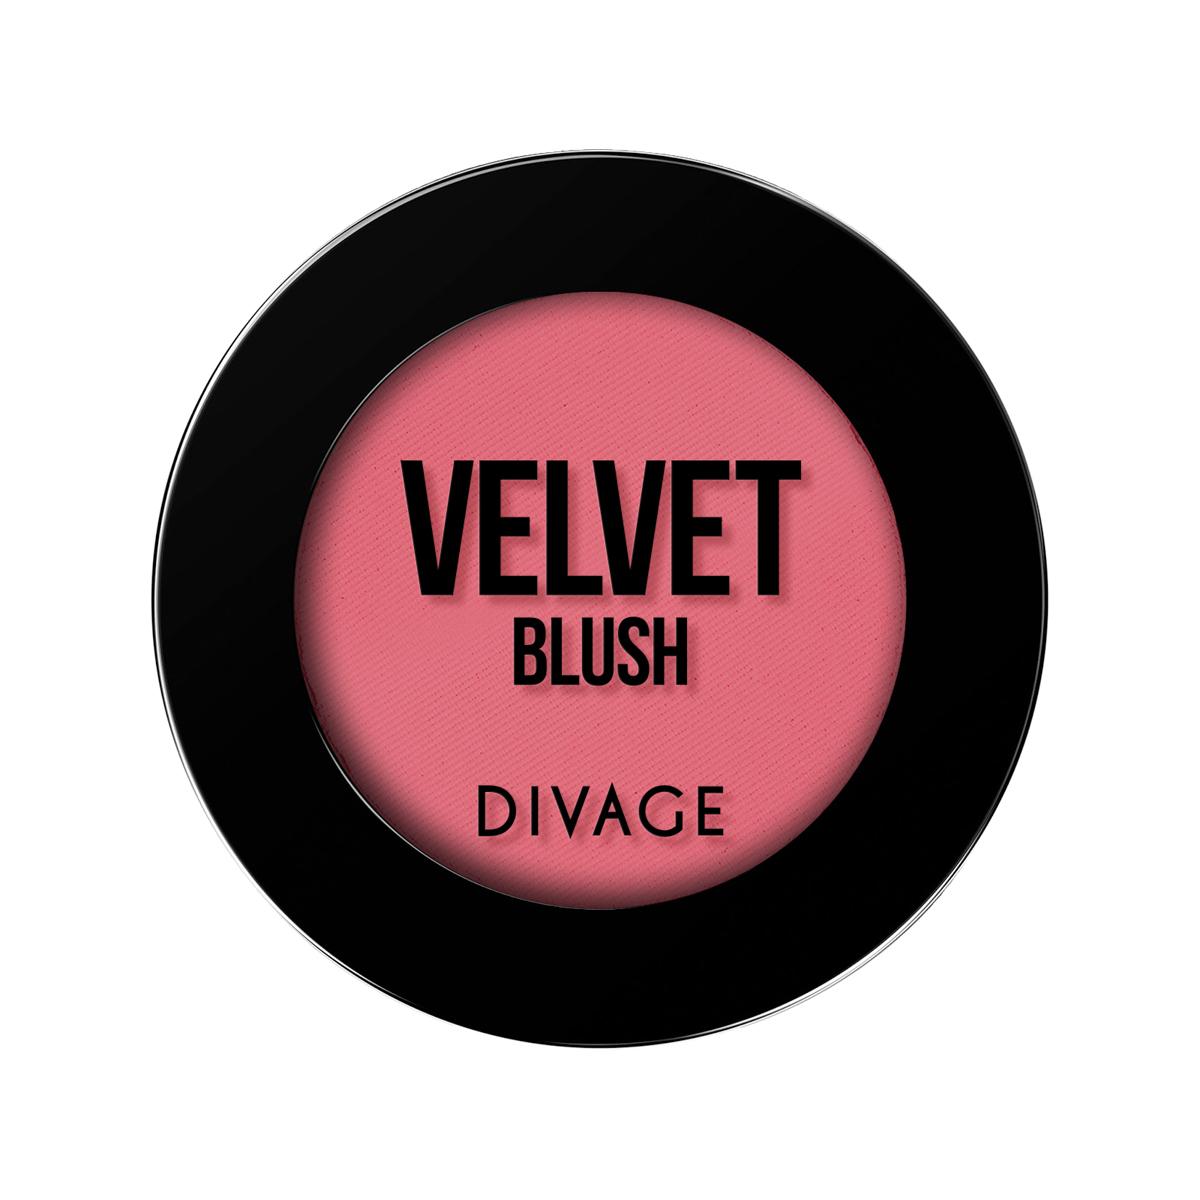 DIVAGE Румяна компактные VELVET, тон № 8704, 4 гр.215038Румяна VELVET - это естественный оттенок утренней свежести, придающий лицу сияющий и отдохнувший вид. Румяна с деликатным матовым эффектом создают максимально естественный образ. Формула с мелкодисперсной текстурой не перегружает макияж. Стойкий цветовой пигмент сохраняется в течение всего дня. Палитра из четырёх оттенков позволяет использовать этот продукт как для придания легкого румянца, так и для коррекции овала лица.Свежий, нежный или насыщенный игривый румянец - вот что делает наше лицо по-настоящему светящимся! Больше всего свежести макияжу придадут персиковые и розовые оттенки. Если твоя кожа имеет тёплый бежевый или золотистый оттенок, выбирай персиковую палитру румян. Розовый румянец больше подойдет девушкам с холодным оттенком кожи. Цветные румяна наноси по центру щеки, совершая мягкие круговые движения кистью. Коричневые и бронзовые цвета можно использовать в качестве корректирующих румян, накладывая их в зону скулы и по контуру лица